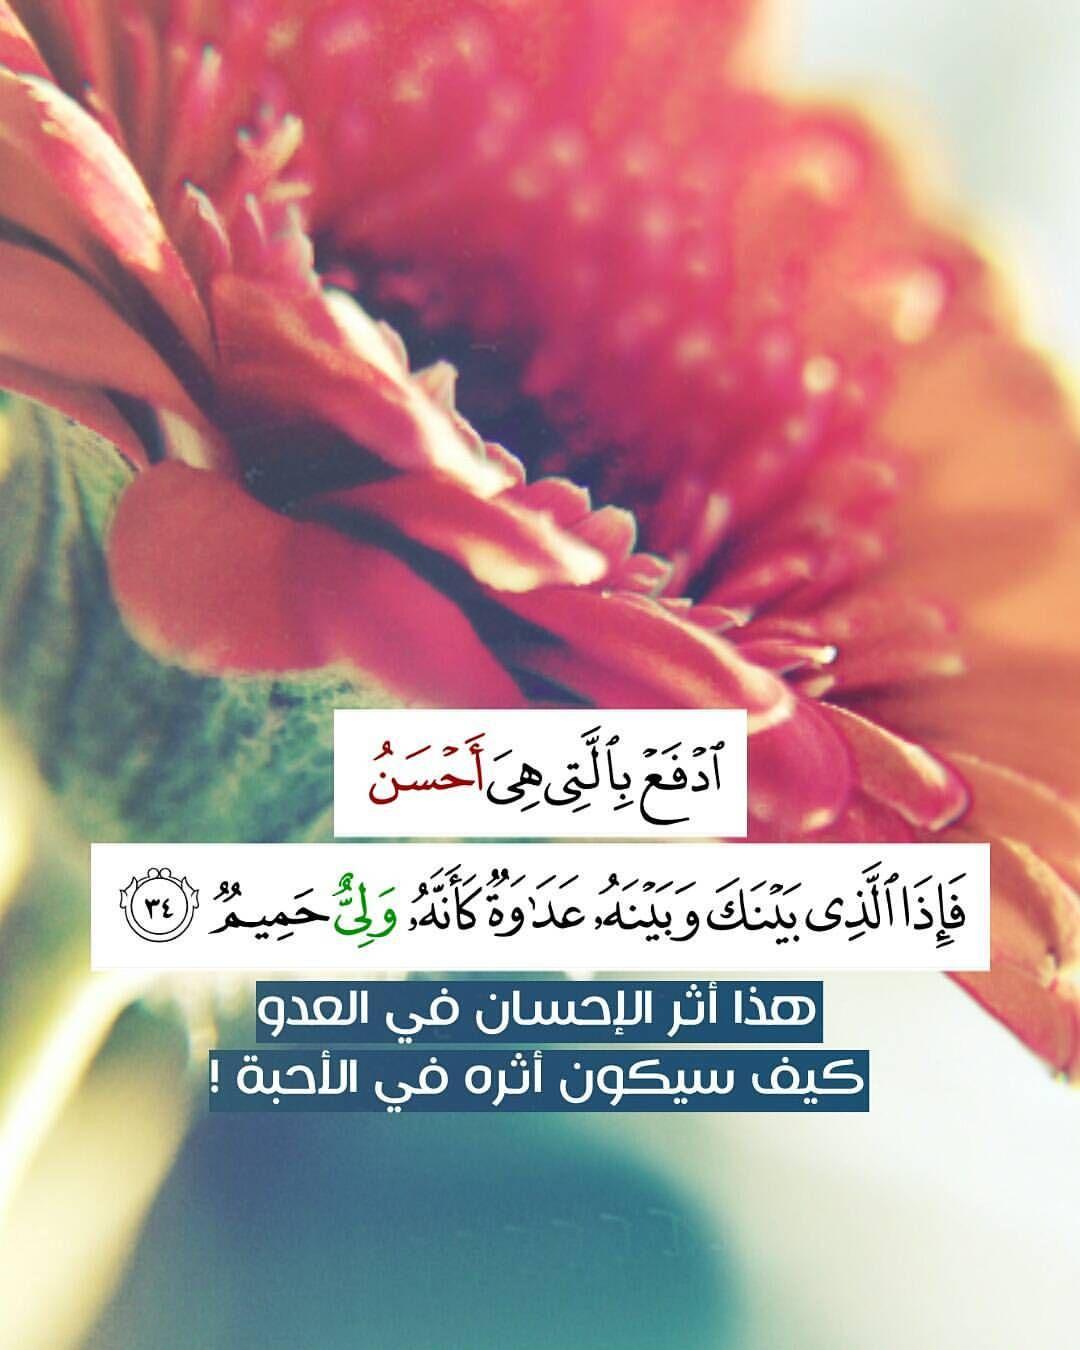 ادفع بالتي هي أحسن فإذا الذي بينك وبينه عداوة كأنه ولي حميم هذا أثر الإحسان في العدو كيف Beautiful Islamic Quotes Islamic Quotes Sweet Words